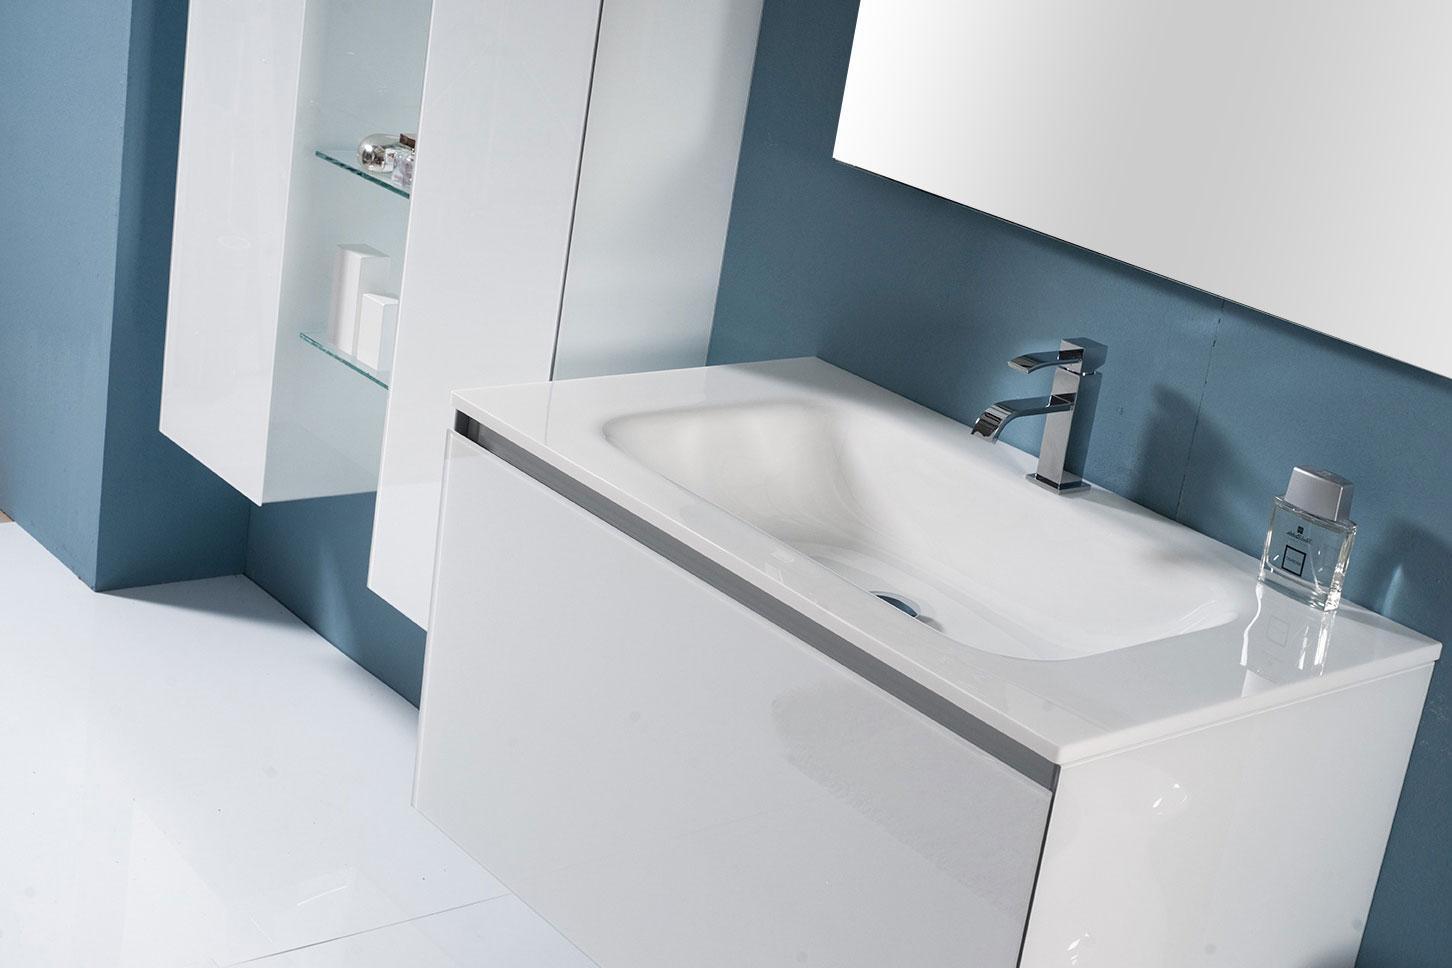 Artelinea mobili da bagno in legno e legno rivestito da vetro colorato artelinea arredo bagno - Mobili da bagno ...